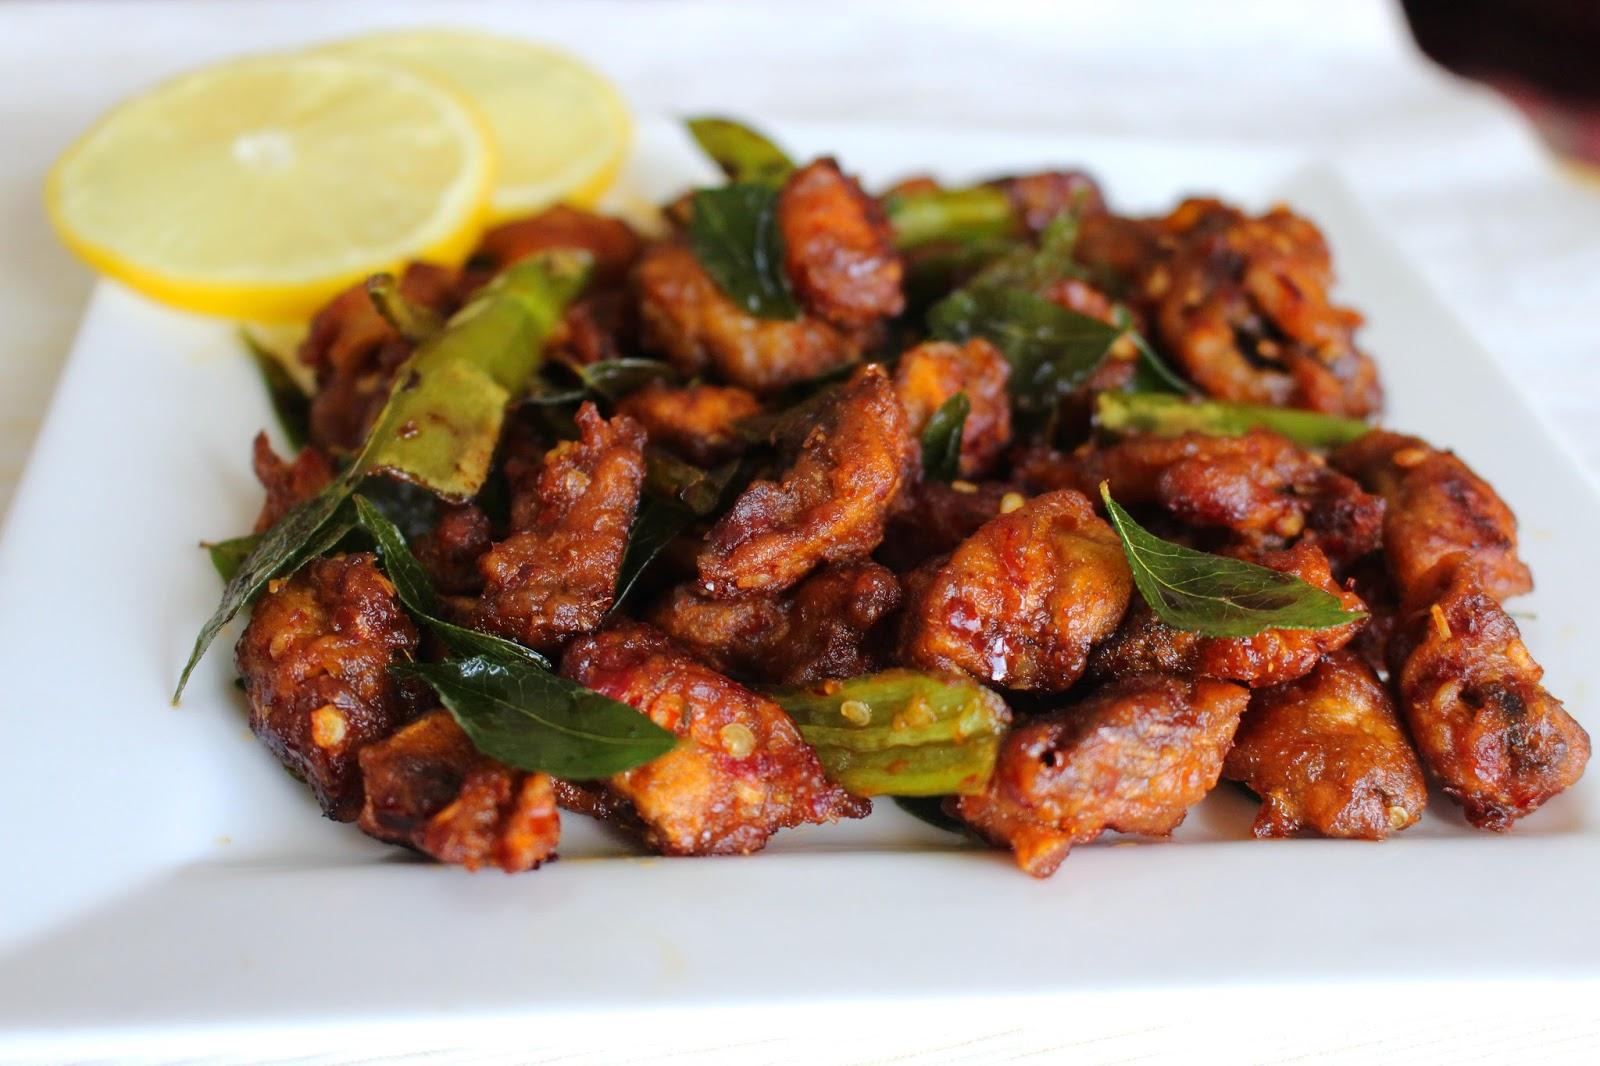 Chilli Mushroom Dry Easy Vegetable Side Dishes